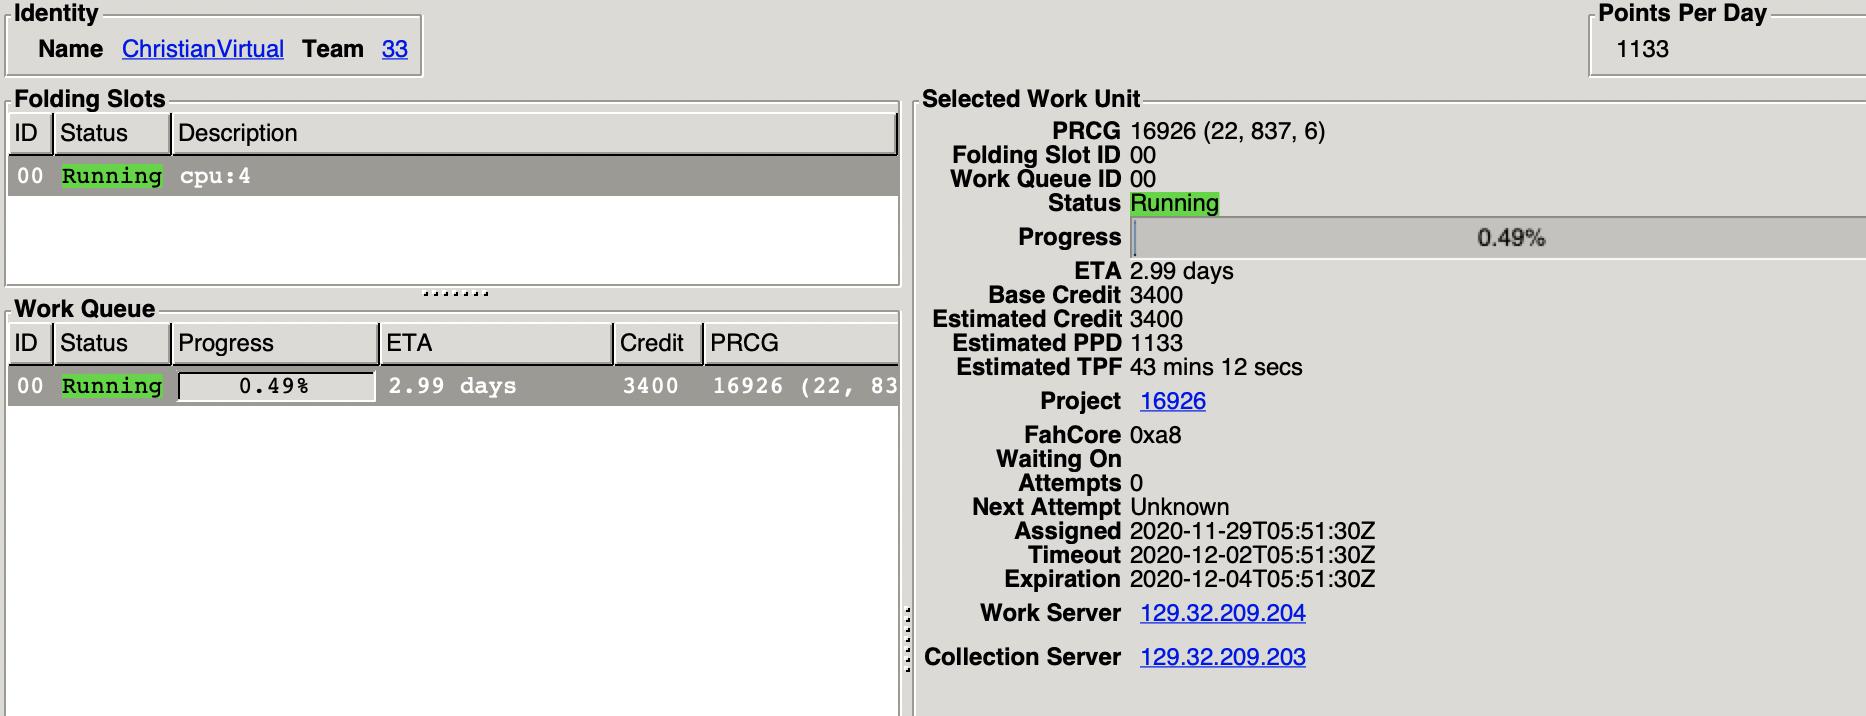 Screen Shot 2020-11-29 at 15.12.55.png